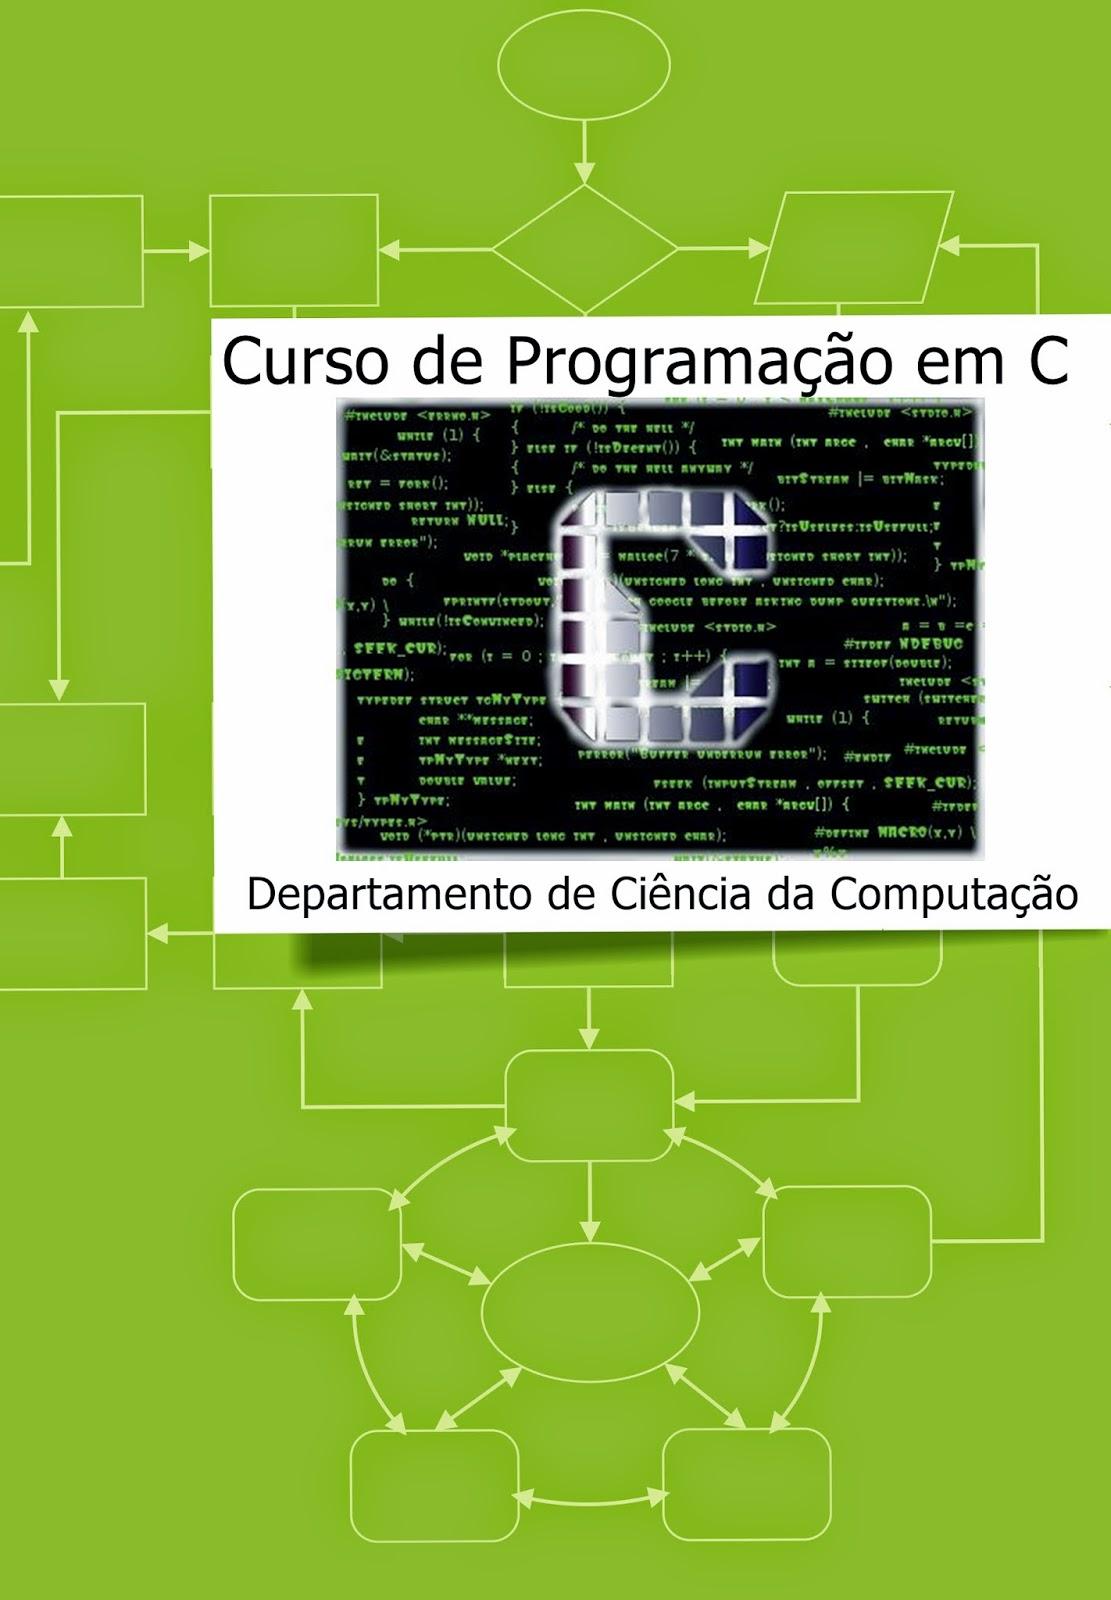 Curso de Programação em C, por Ufmg